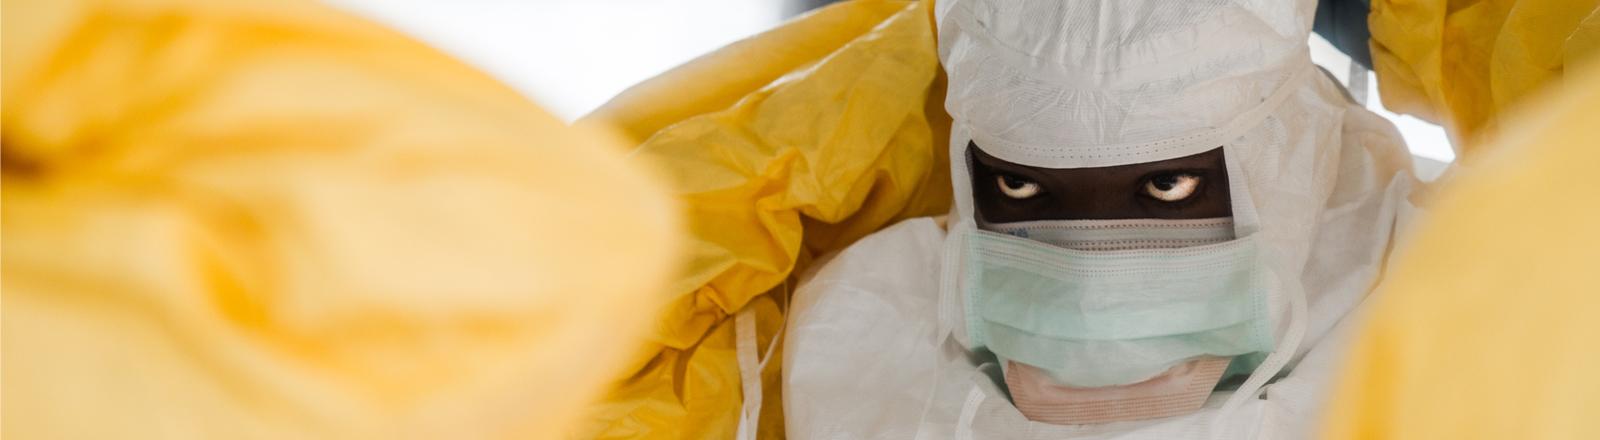 Ein Mann ist komplett in gelbe Schutzkleidung gekleidet. Er bindet sich eine Atemschutzmaske um.